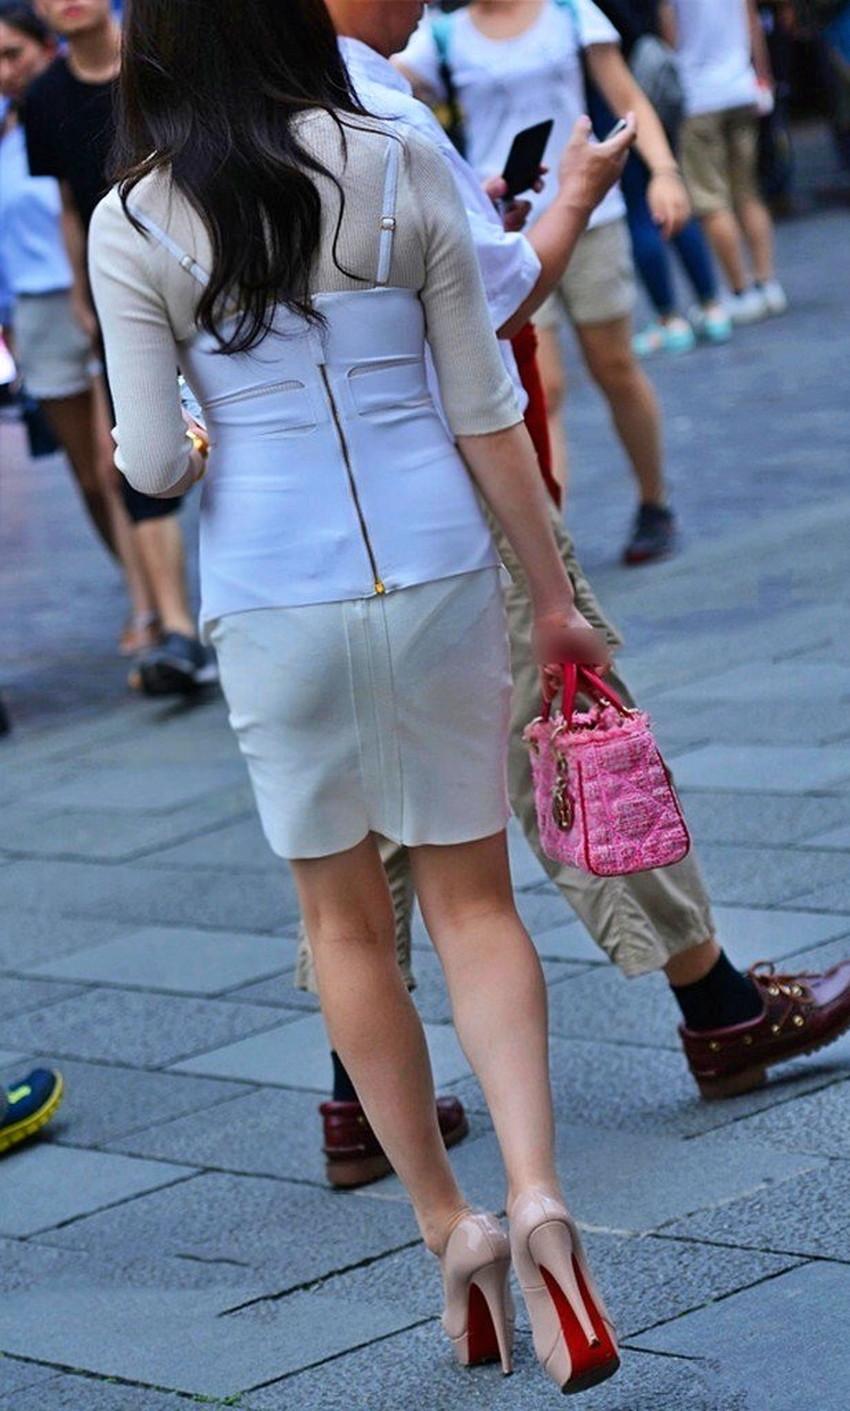 【透けパンツエロ画像】清楚なお嬢さんのスカートやズボンからパンティーが透けて丸見えよりも卑猥に見える透けパンツのエロ画像集!ww【80枚】 20